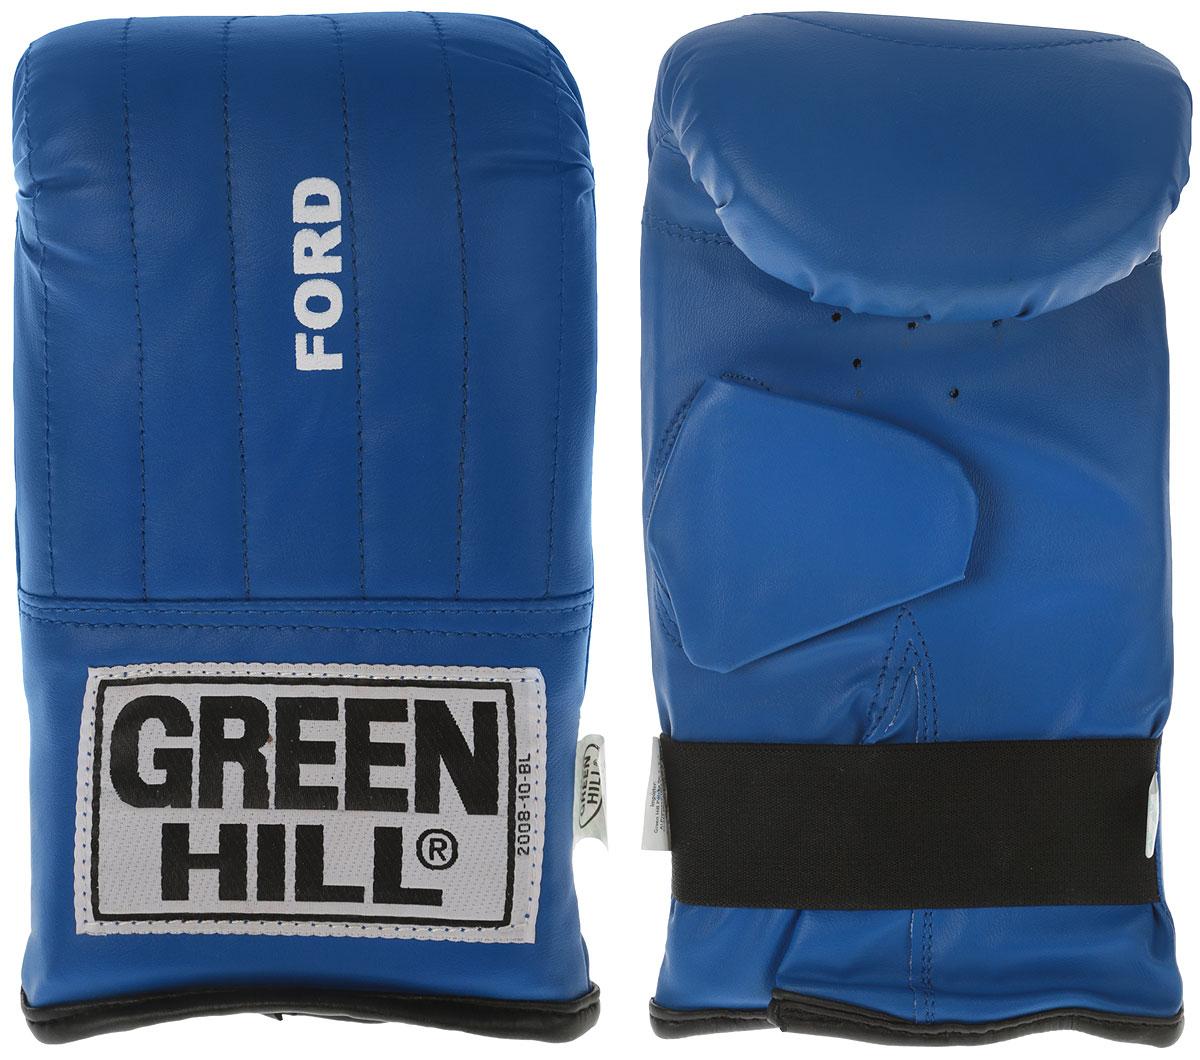 Перчатки снарядные Green Hill Ford, цвет: синий. PMF-2068. Размер MPMF-2068Снарядные перчатки-блинчики Green Hill Ford предназначены для отработки ударов по мешкам и лапам. Не предназначены для спаррингов, так как могут быть травмоопасны для противника. Подойдут для домашнего использования и для начинающих спортсменов. Перчатки выполнены из искусственной кожи с мягким наполнителем внутри. Манжет не резинке позволяет быстро снимать и одевать перчатки, плотно фиксирует их на руке.